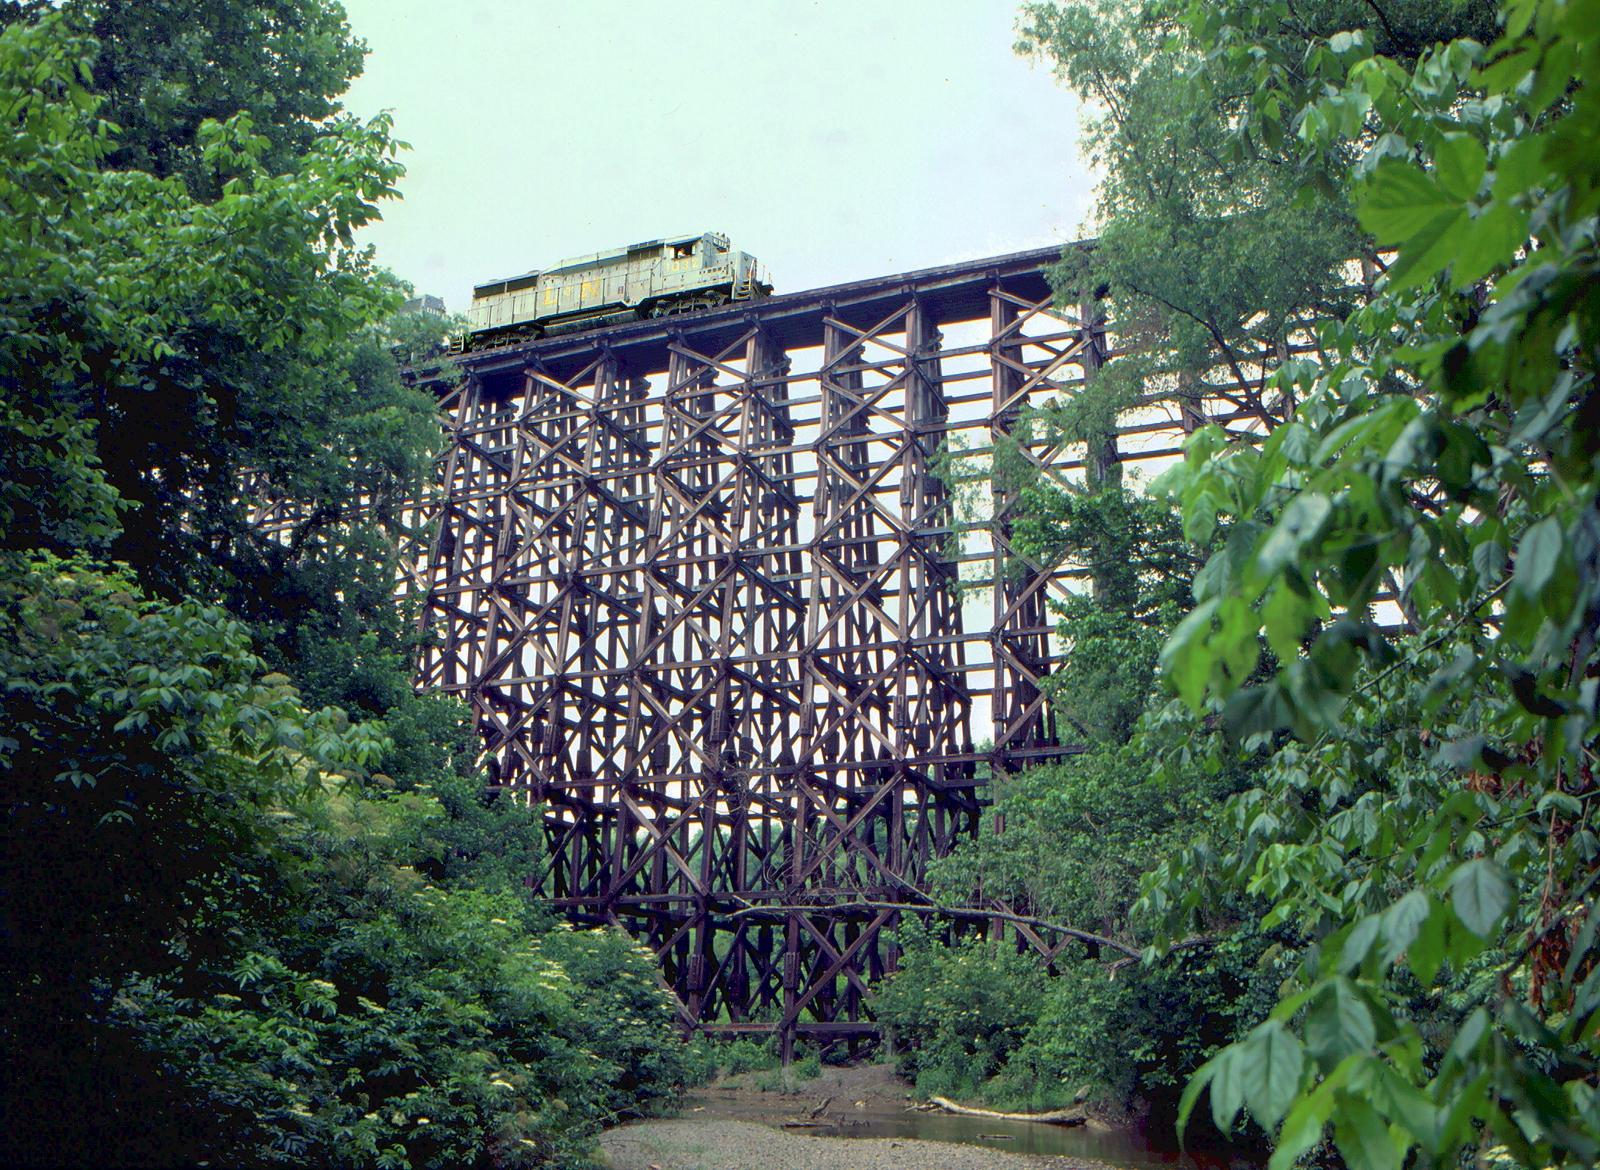 Североамериканские железнодорожные эстакады